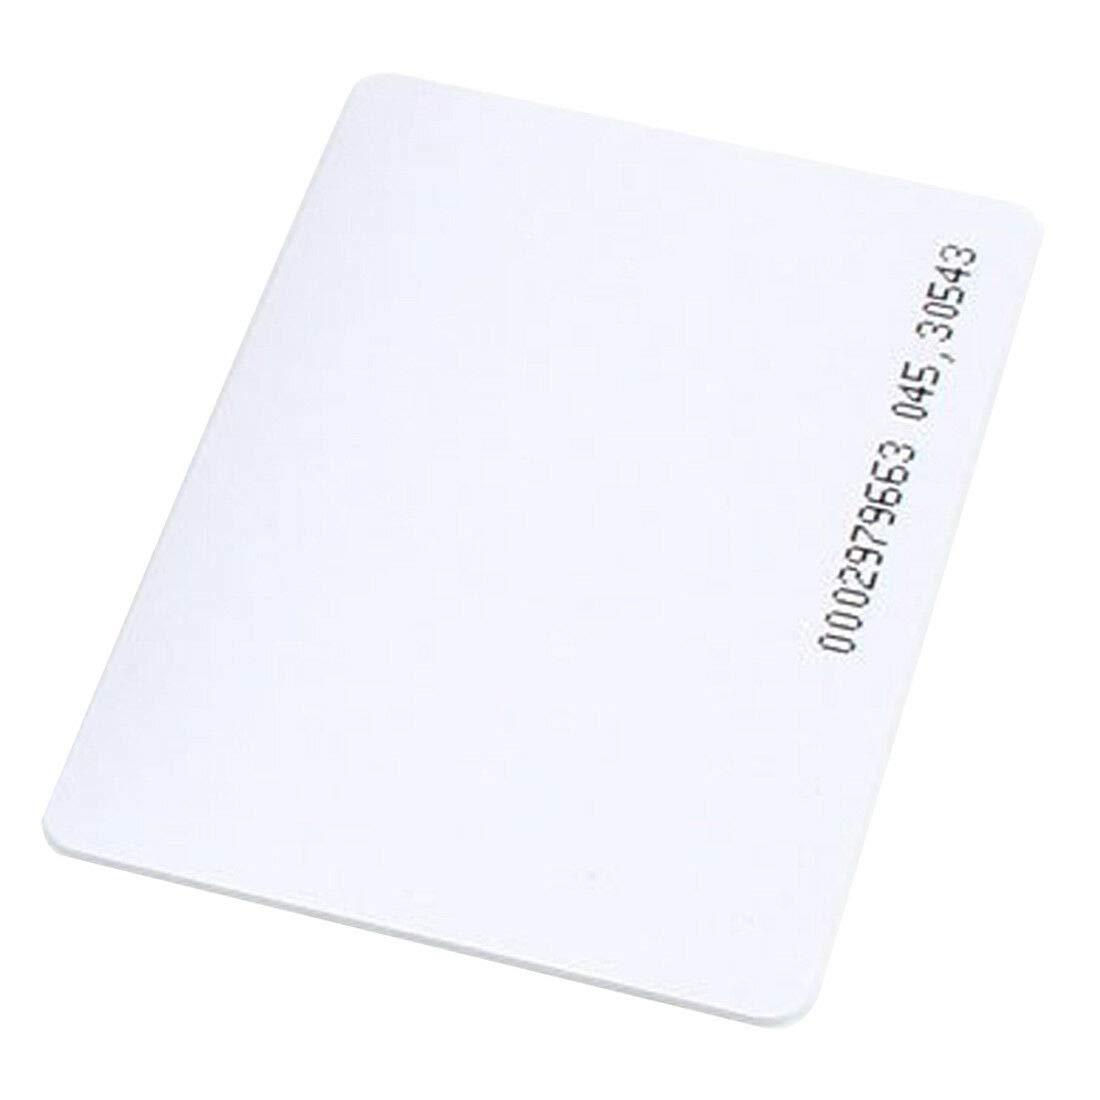 30 unids TK4100/EM4100 125 Khz RFID tarjetas de proximidad ...